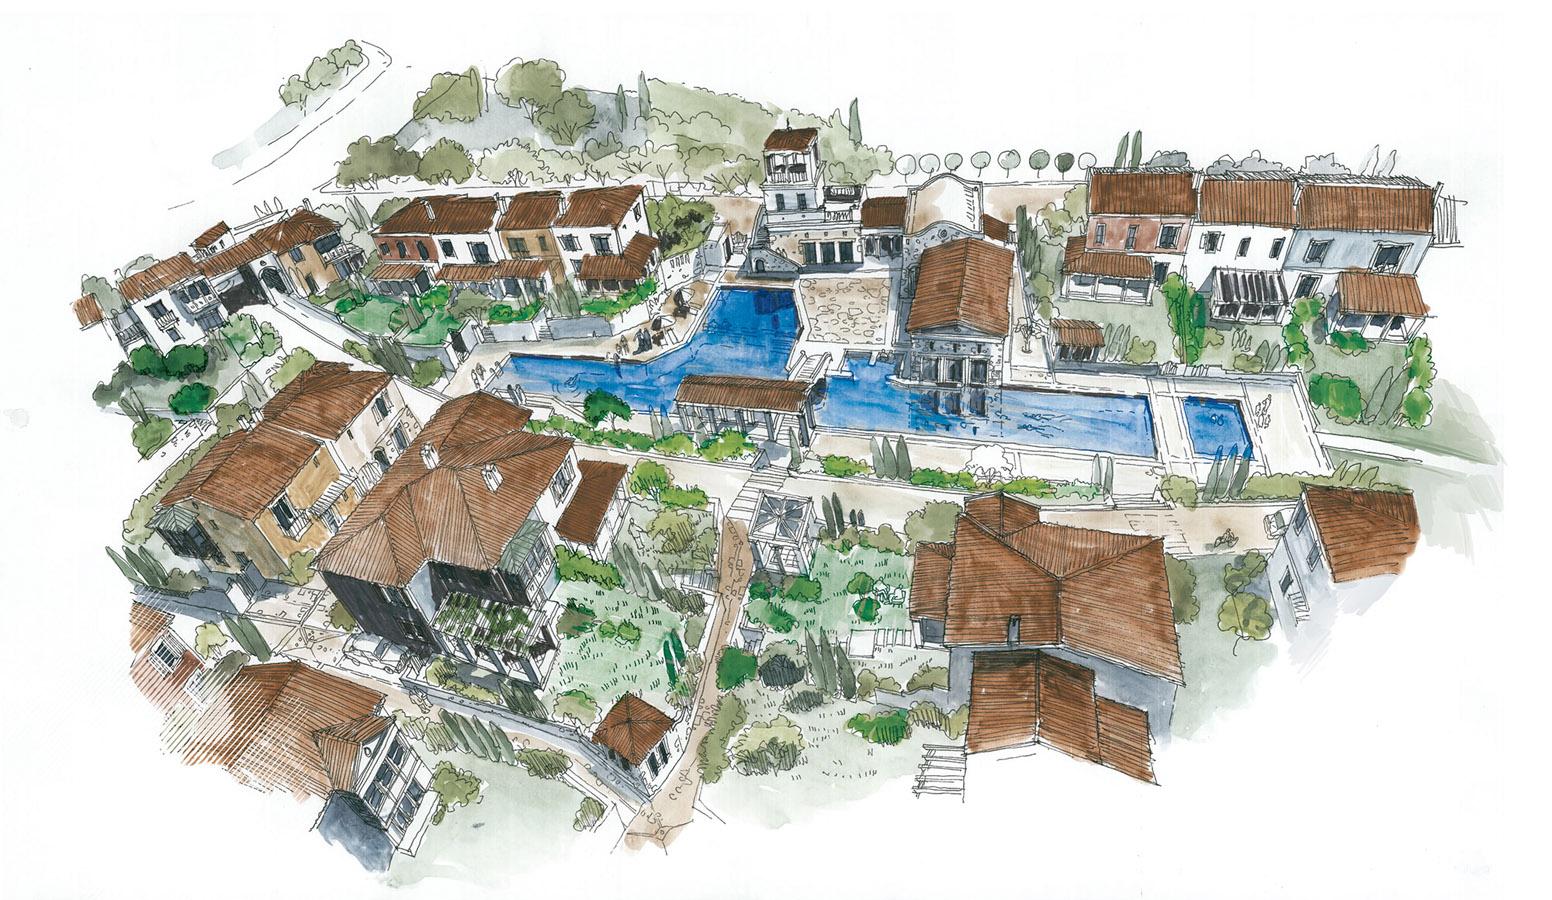 Mi'Marin Köyce Alaçatı 3D Kuşbakışı